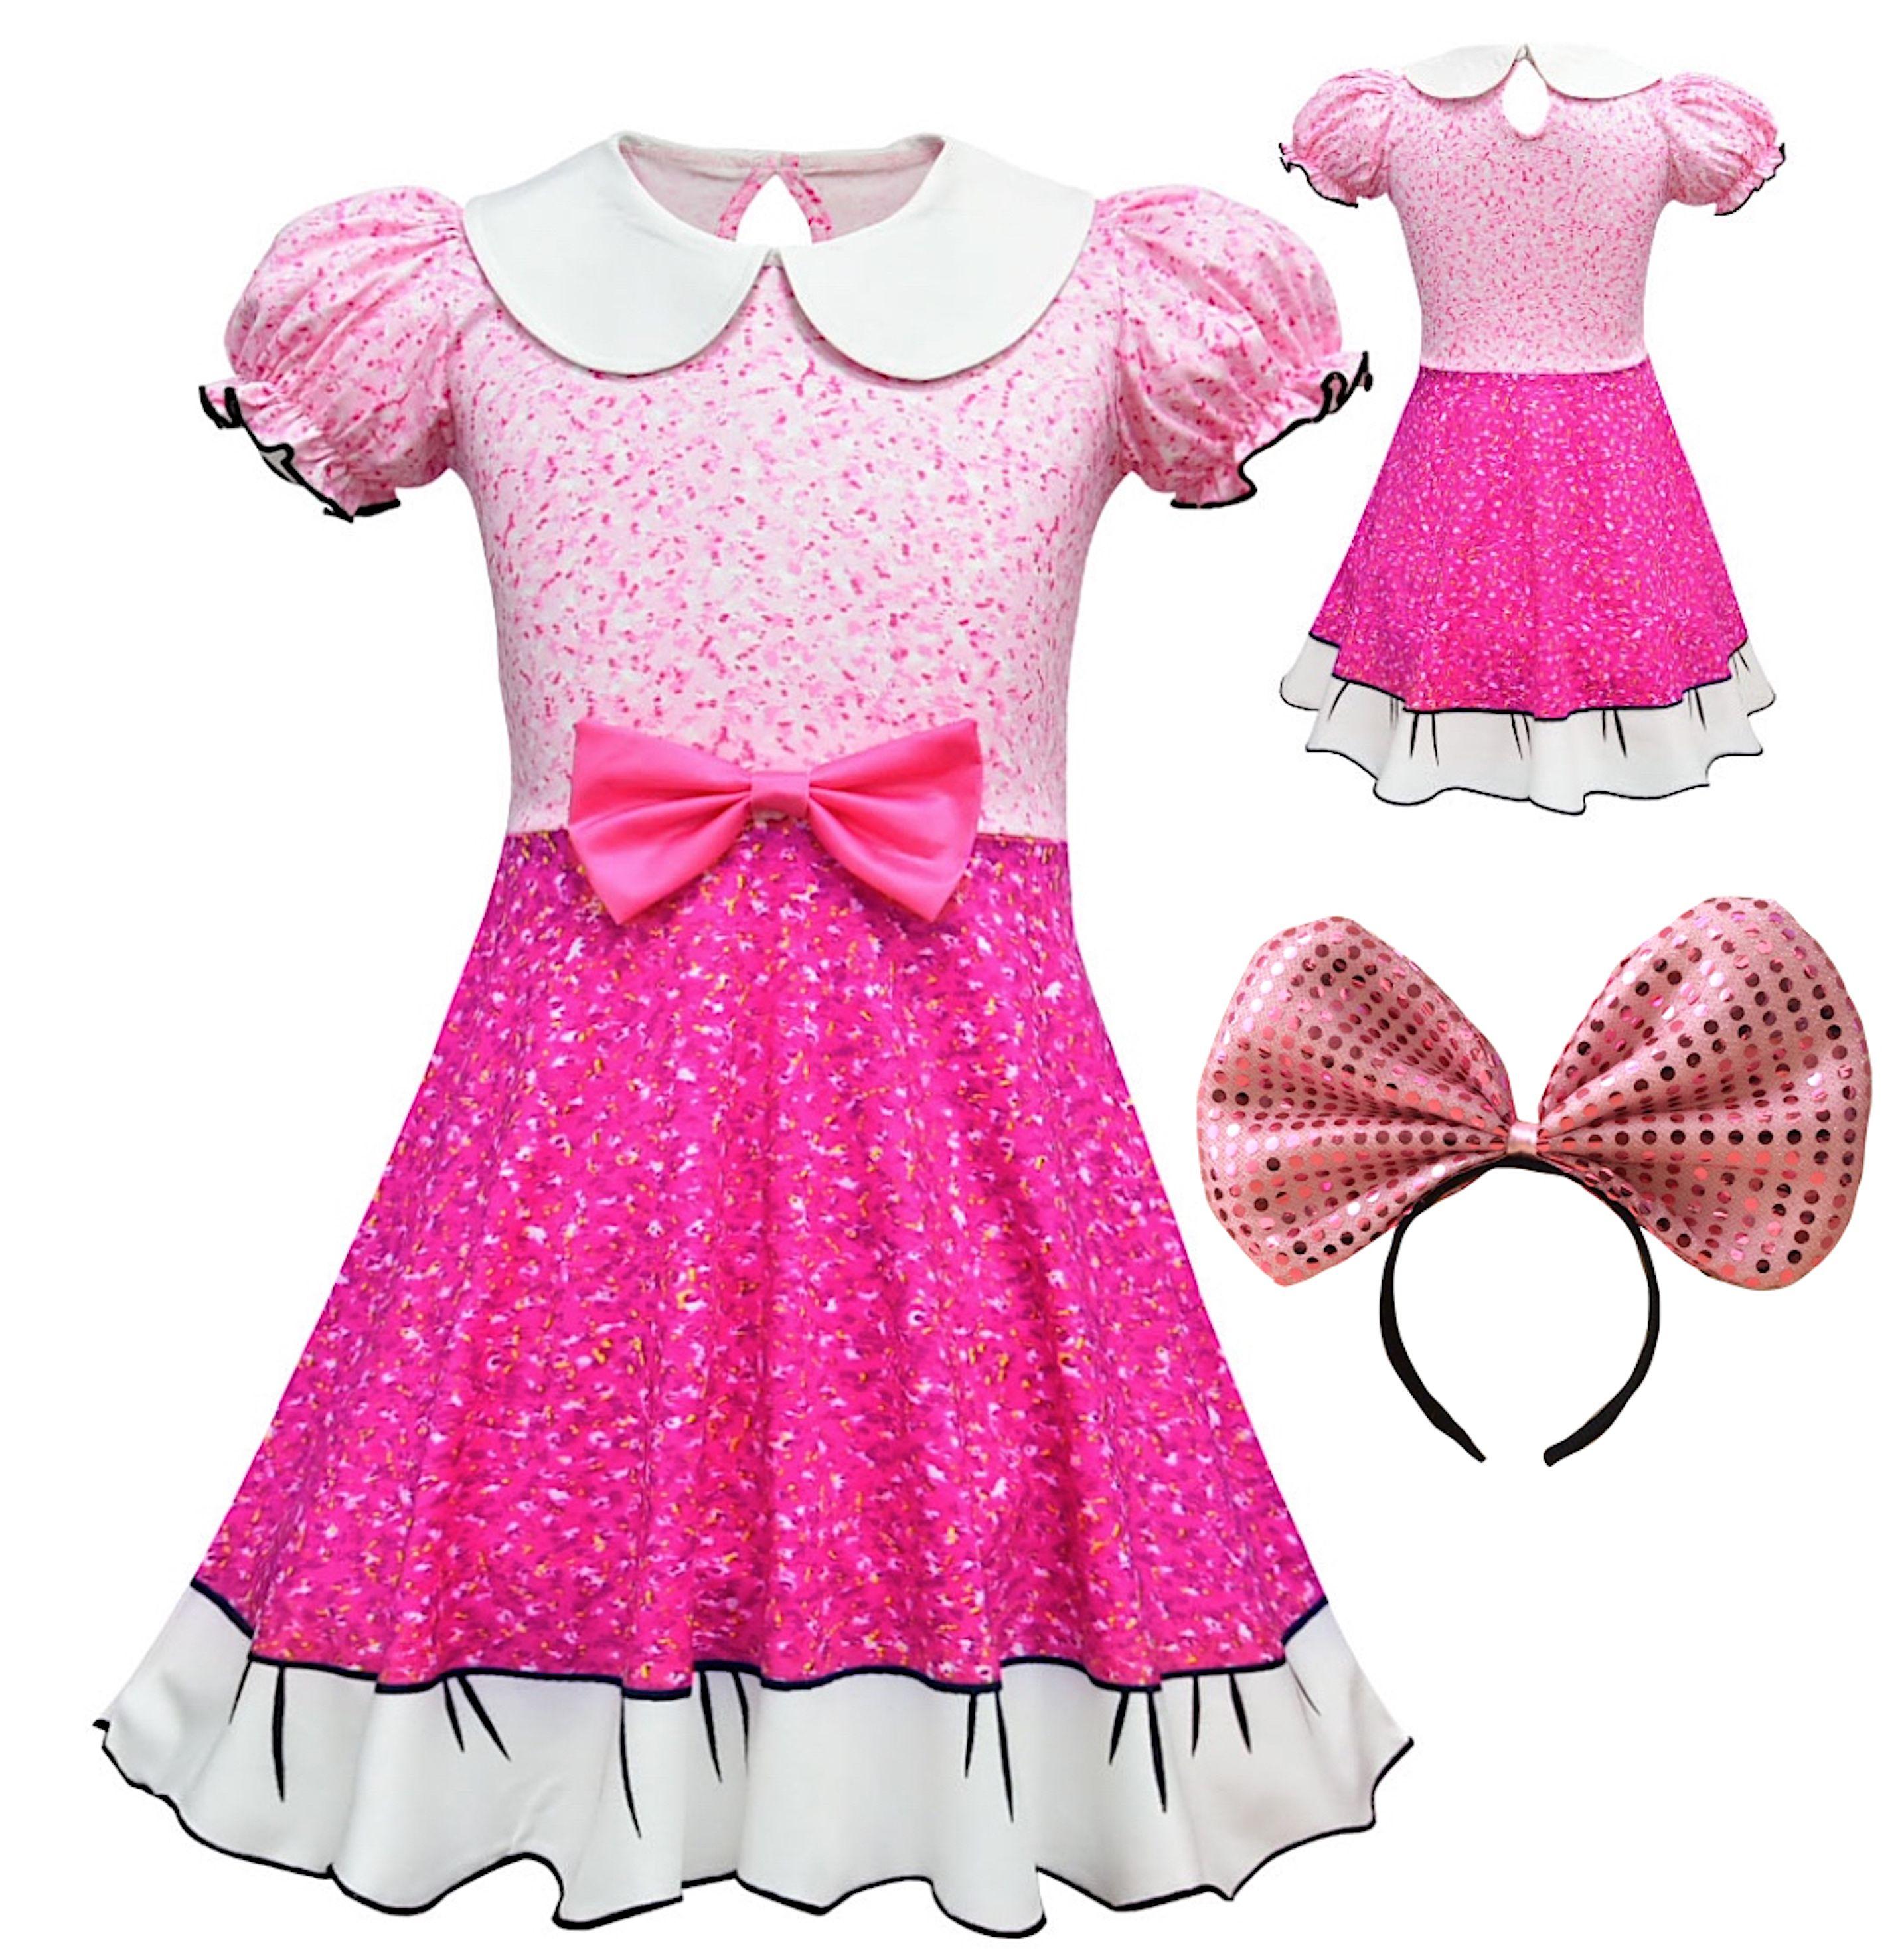 lol bambola ballerina vestito glitter